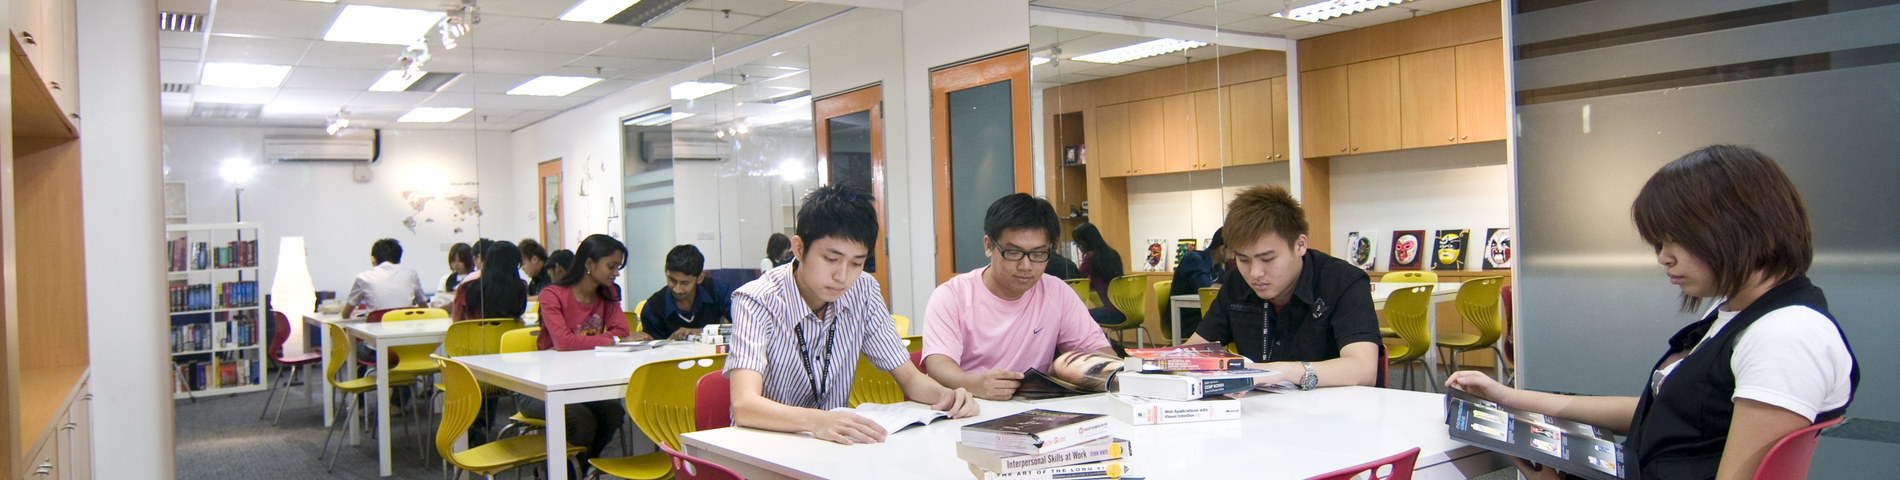 Imagen 1 de la escuela Yes English